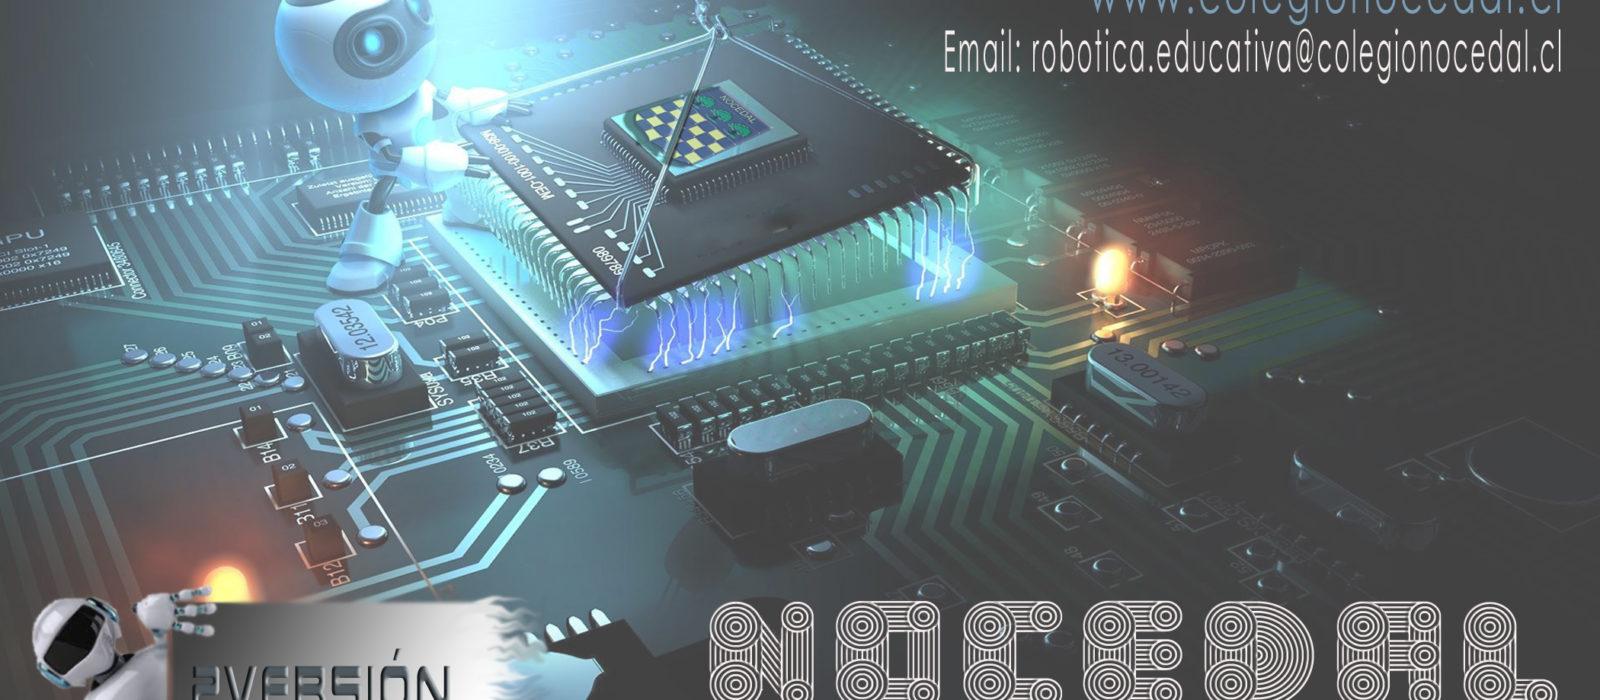 II Interescolar de Robótica Colegio NOCEDAL 2018